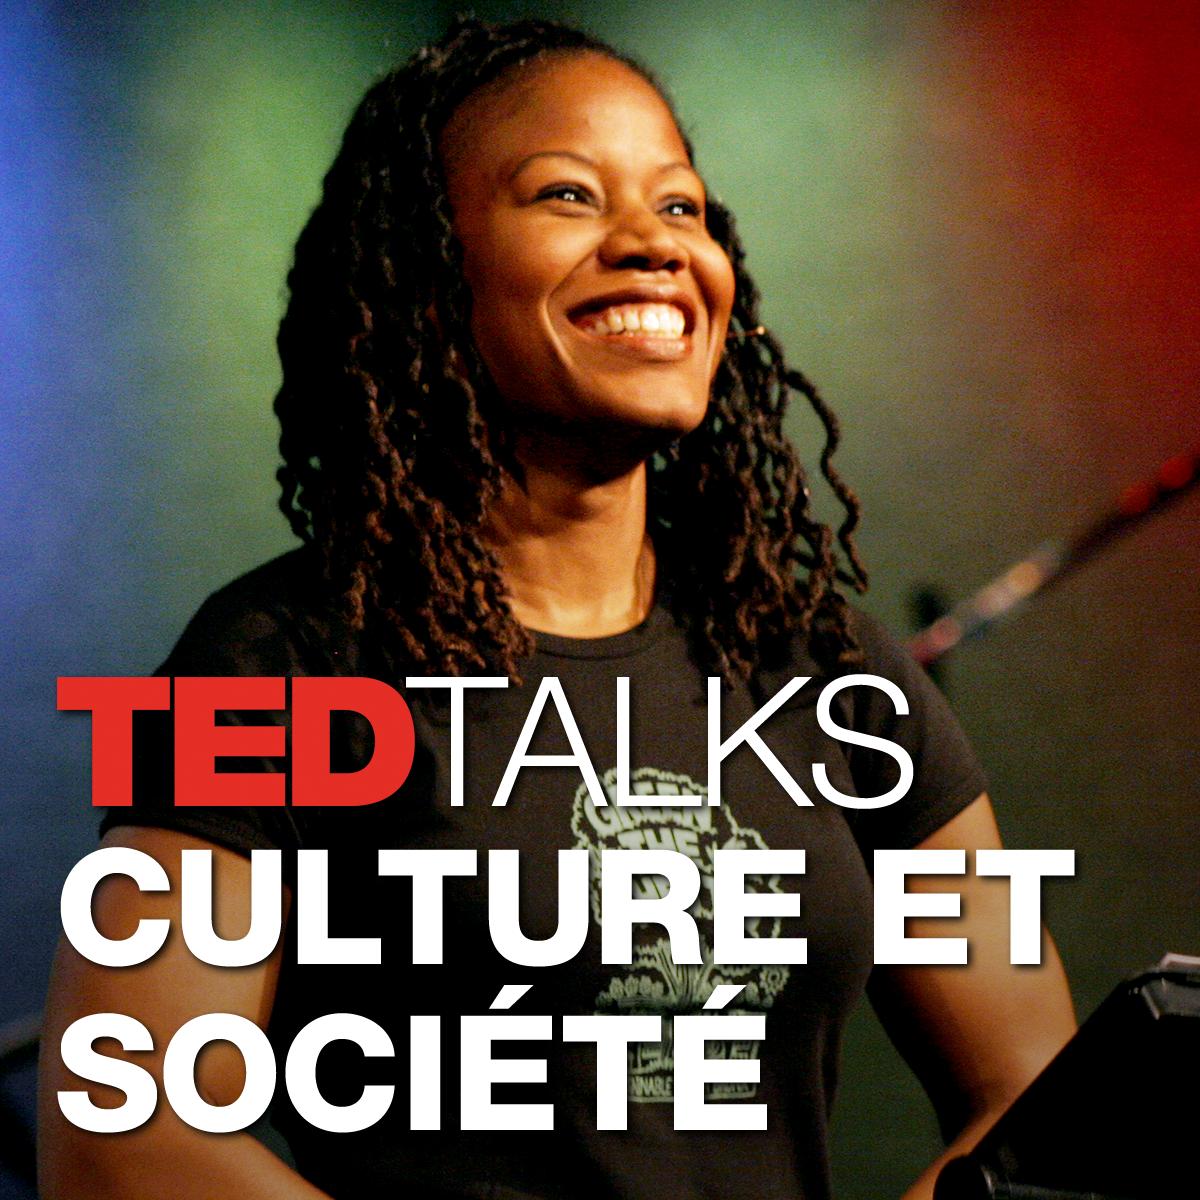 TEDTalks Culture et société